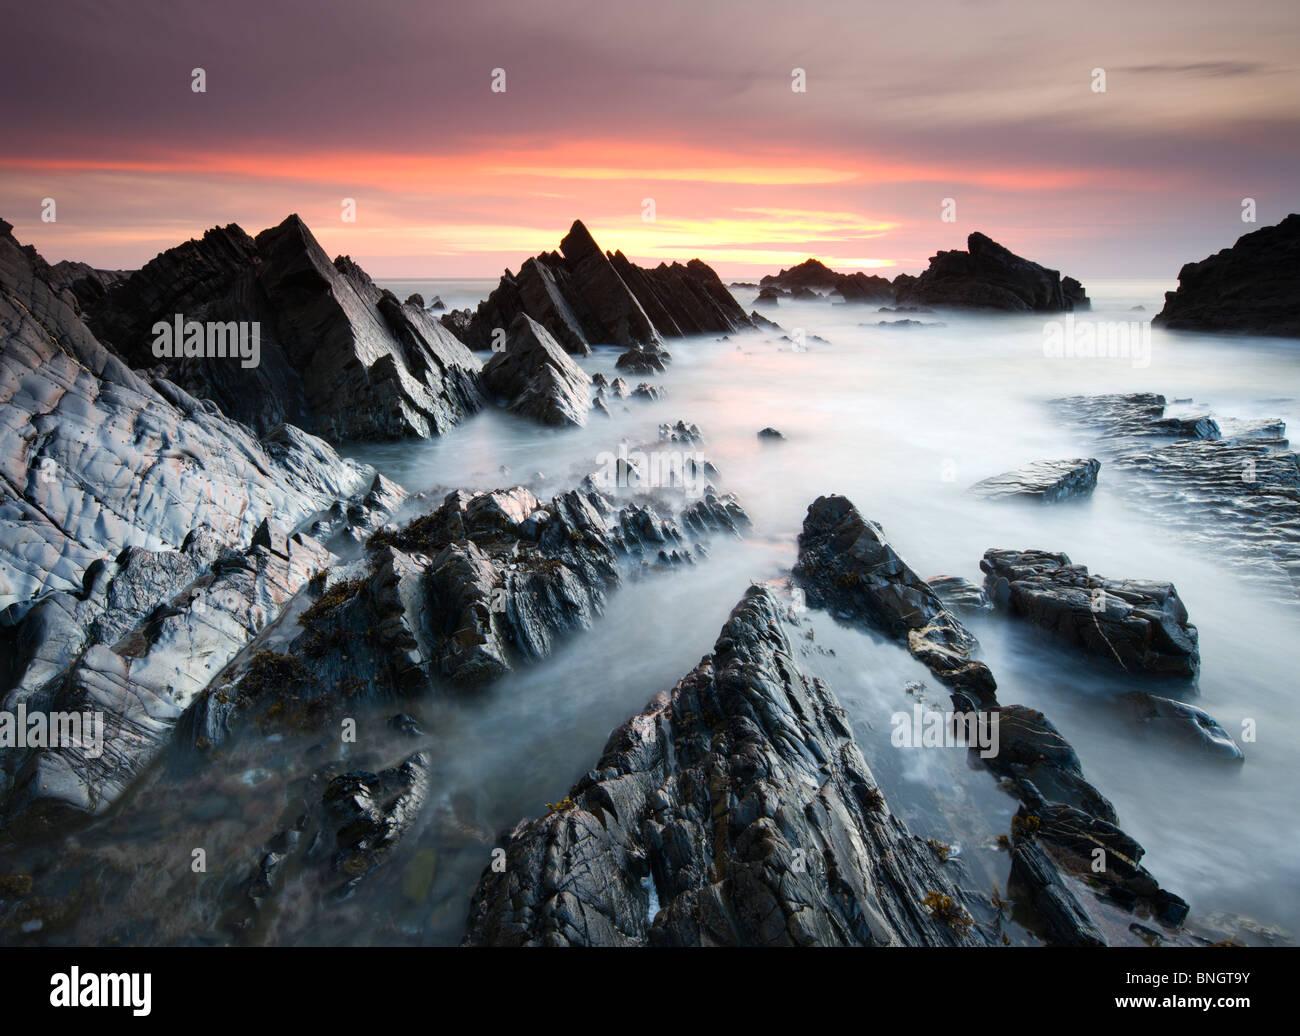 Drammatico scenario costiero al tramonto, Hartland Quay, North Devon, in Inghilterra. Molla (aprile) 2010 Immagini Stock